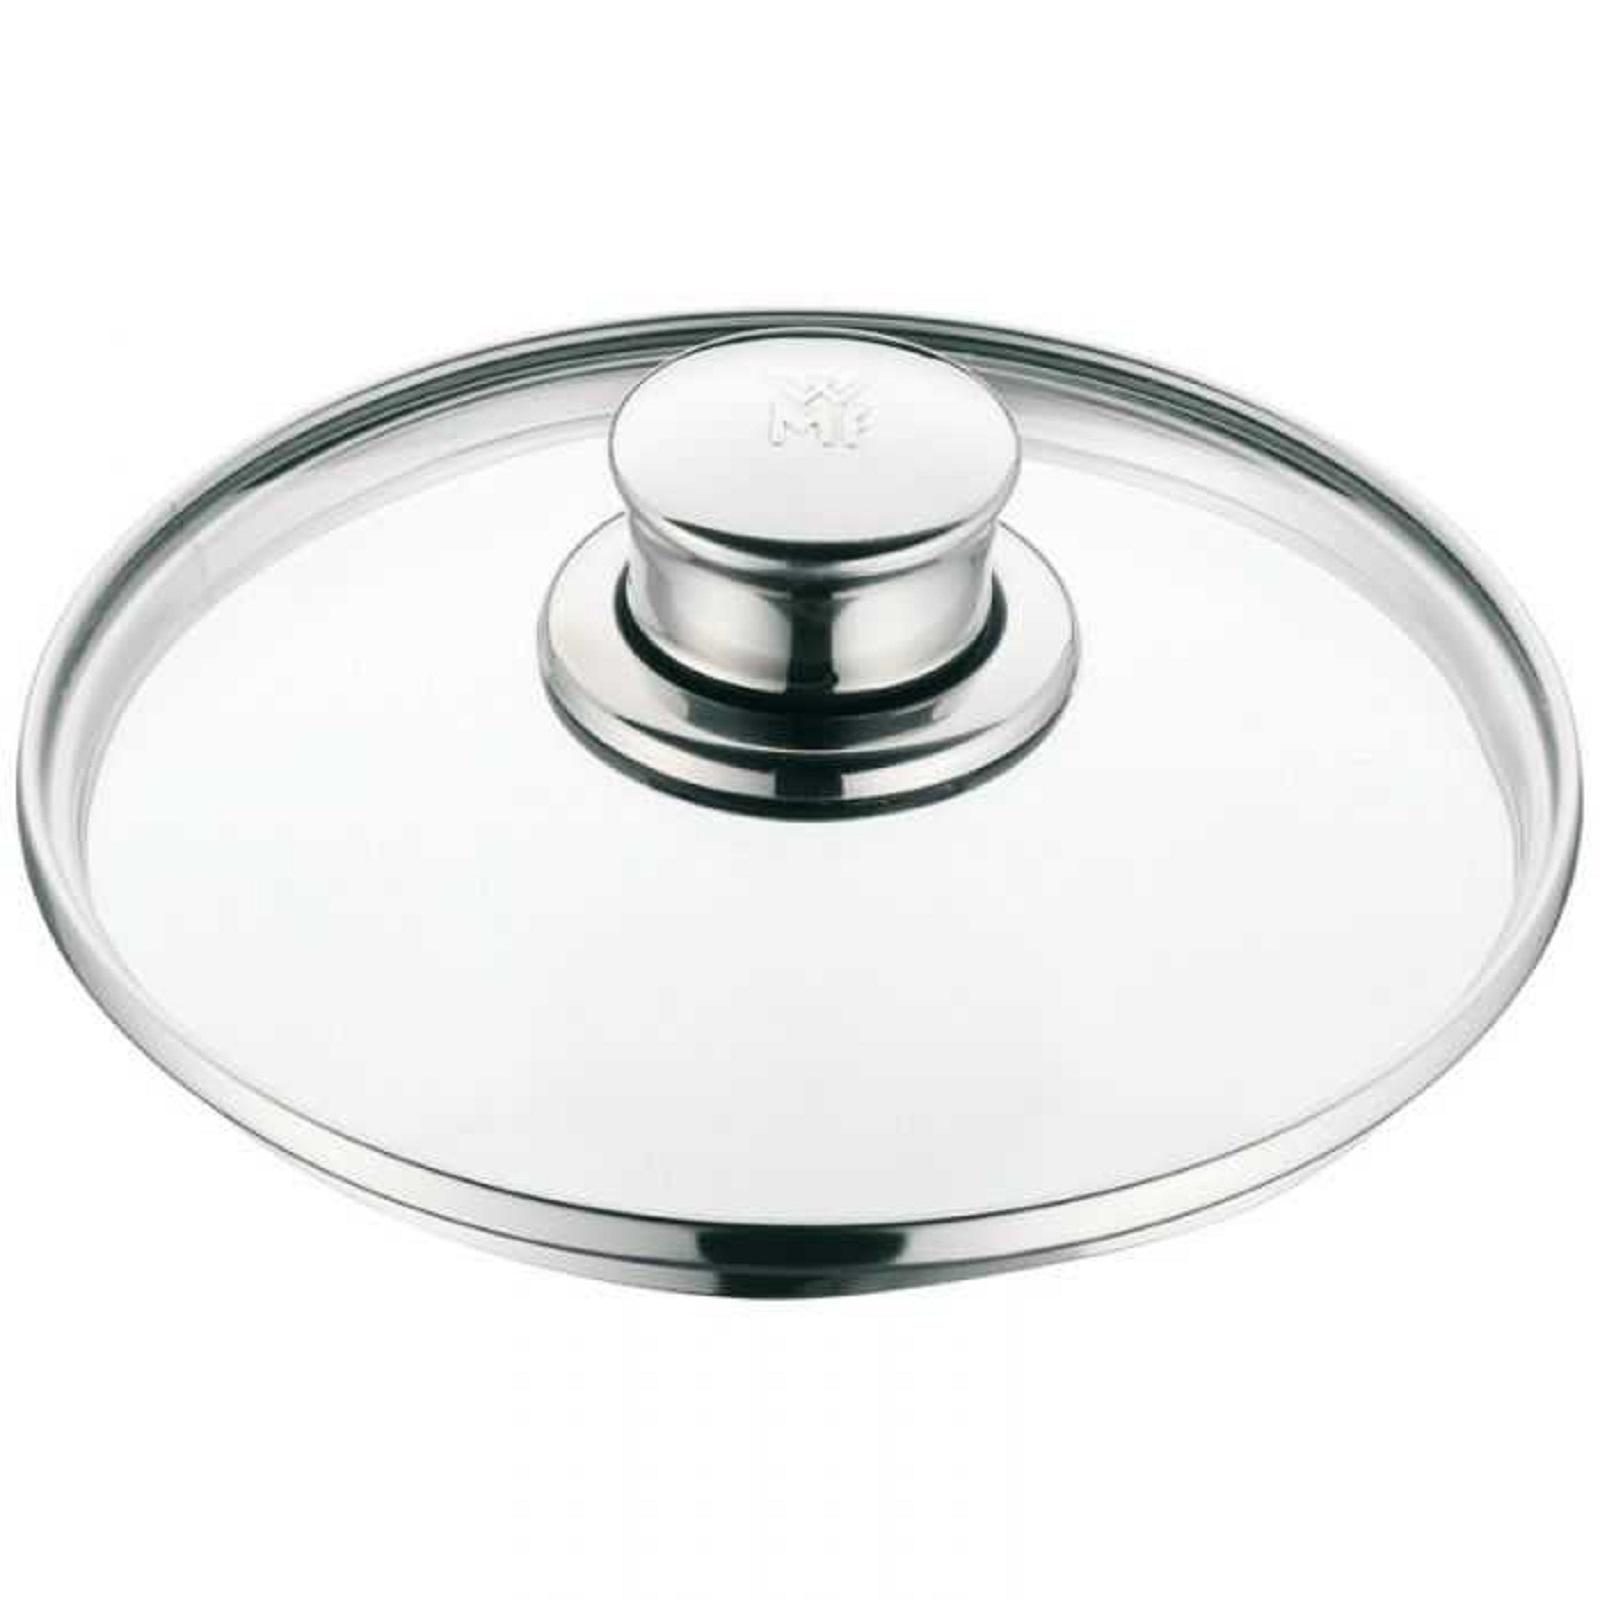 Крышка для кастрюли WMF DIADEM PLUS, диаметр 16 см, прозрачный WMF 07 3717 6040 фото 0